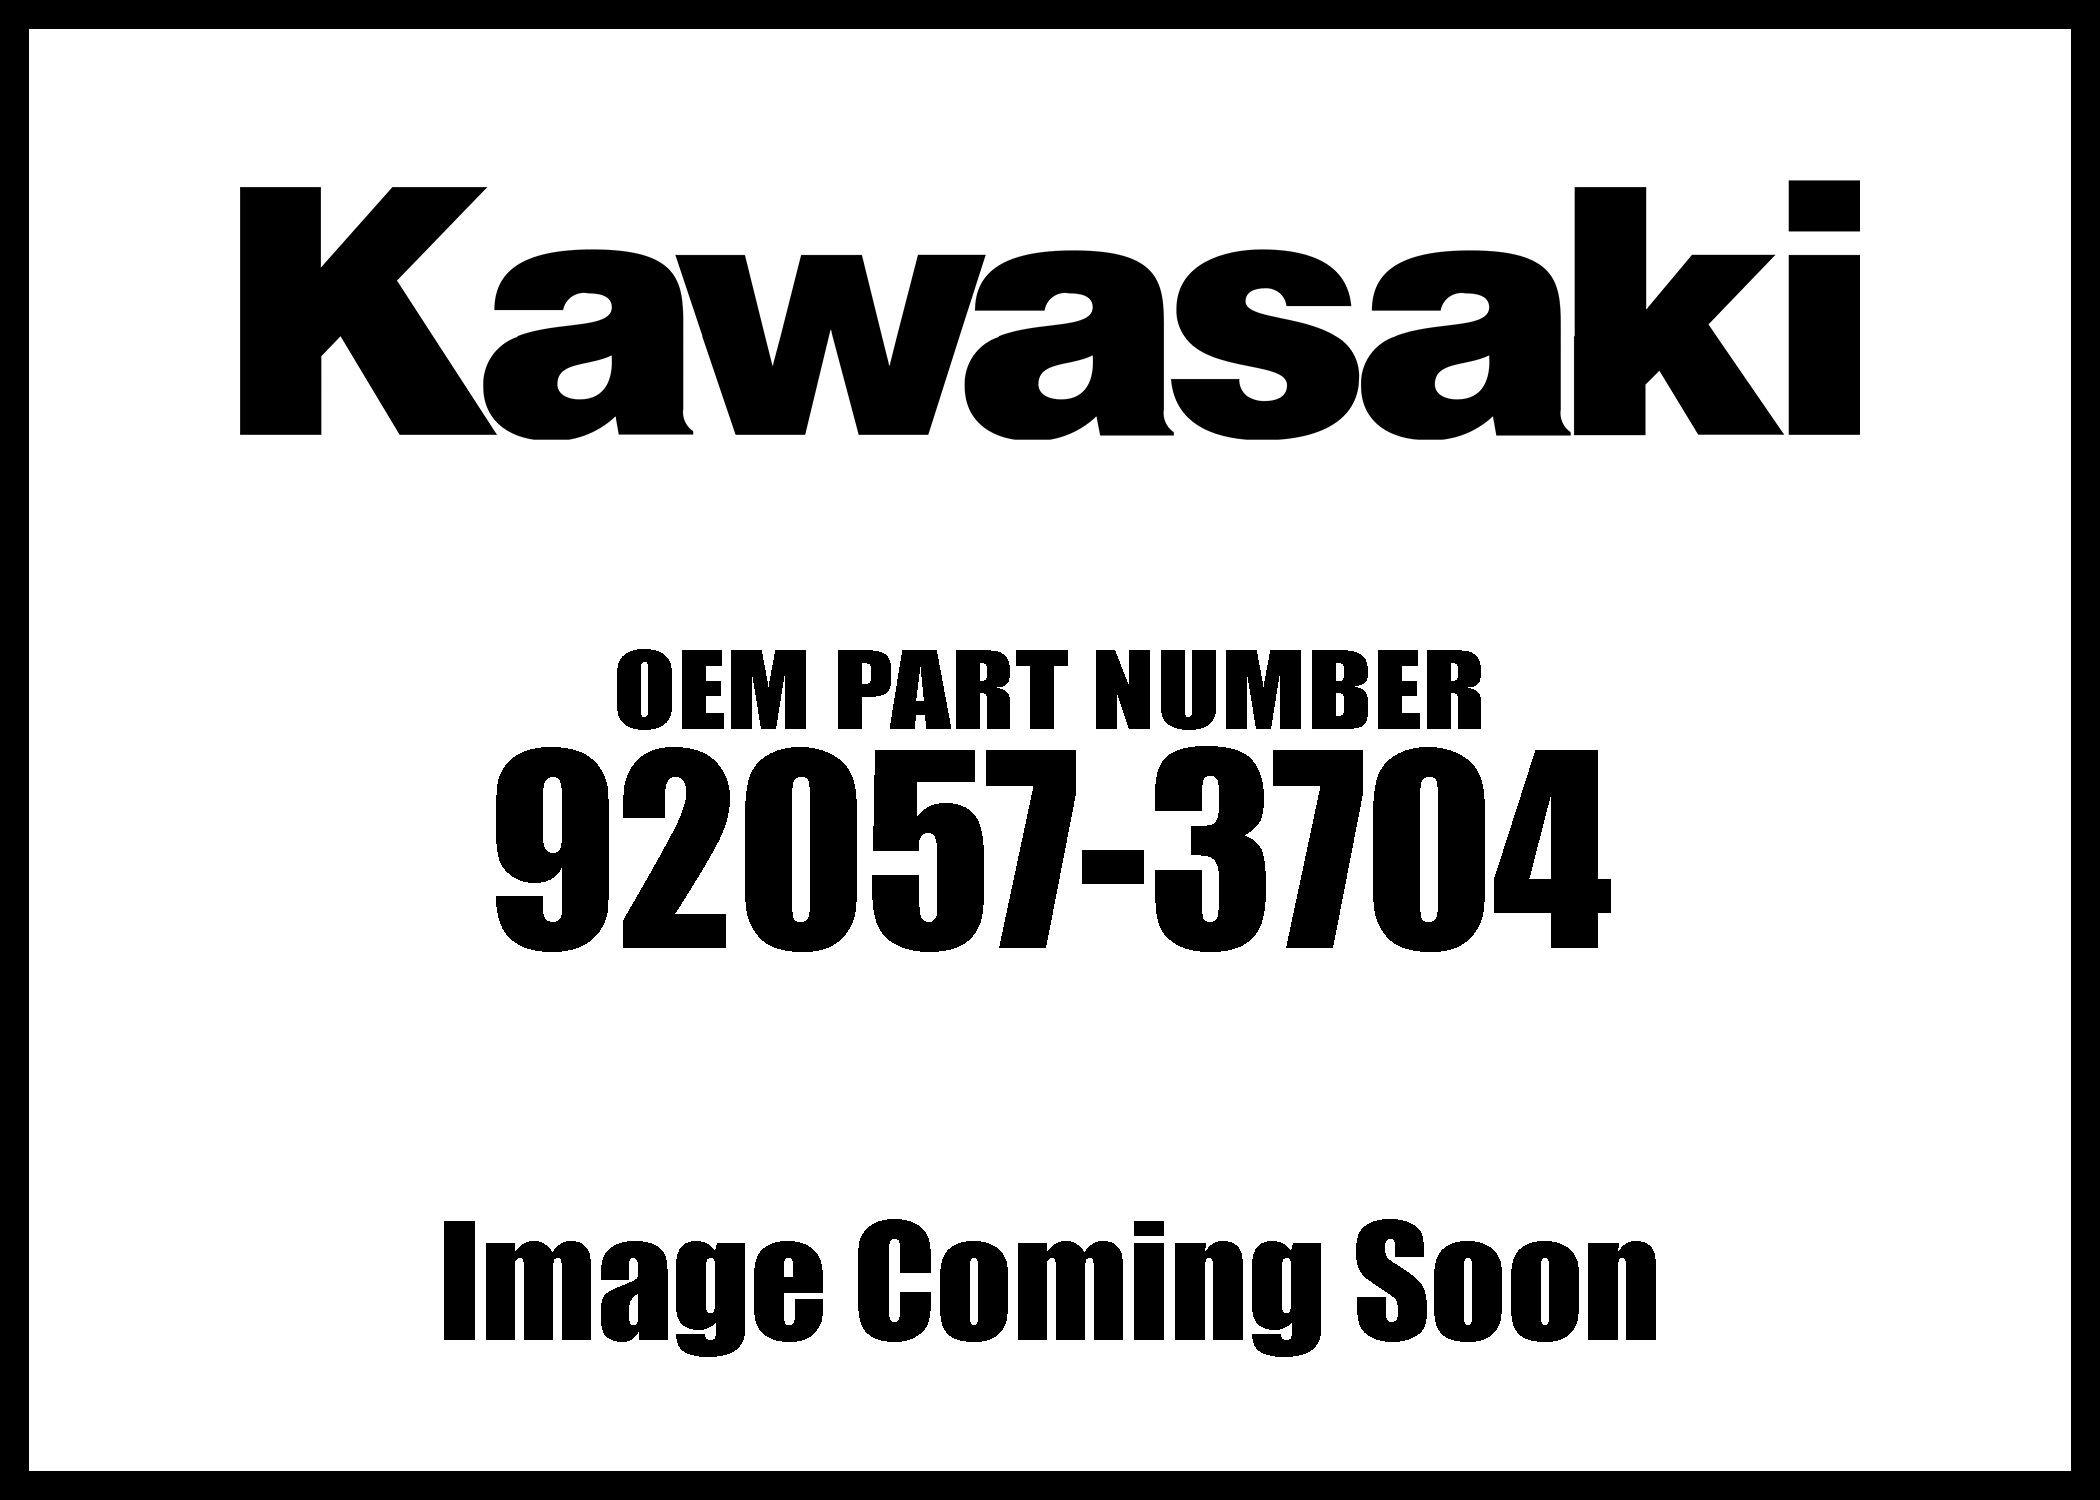 Kawasaki 1987-2018 Jet Mate Jet Ski Xi Sport Cover Chain 92057-3704 New Oem